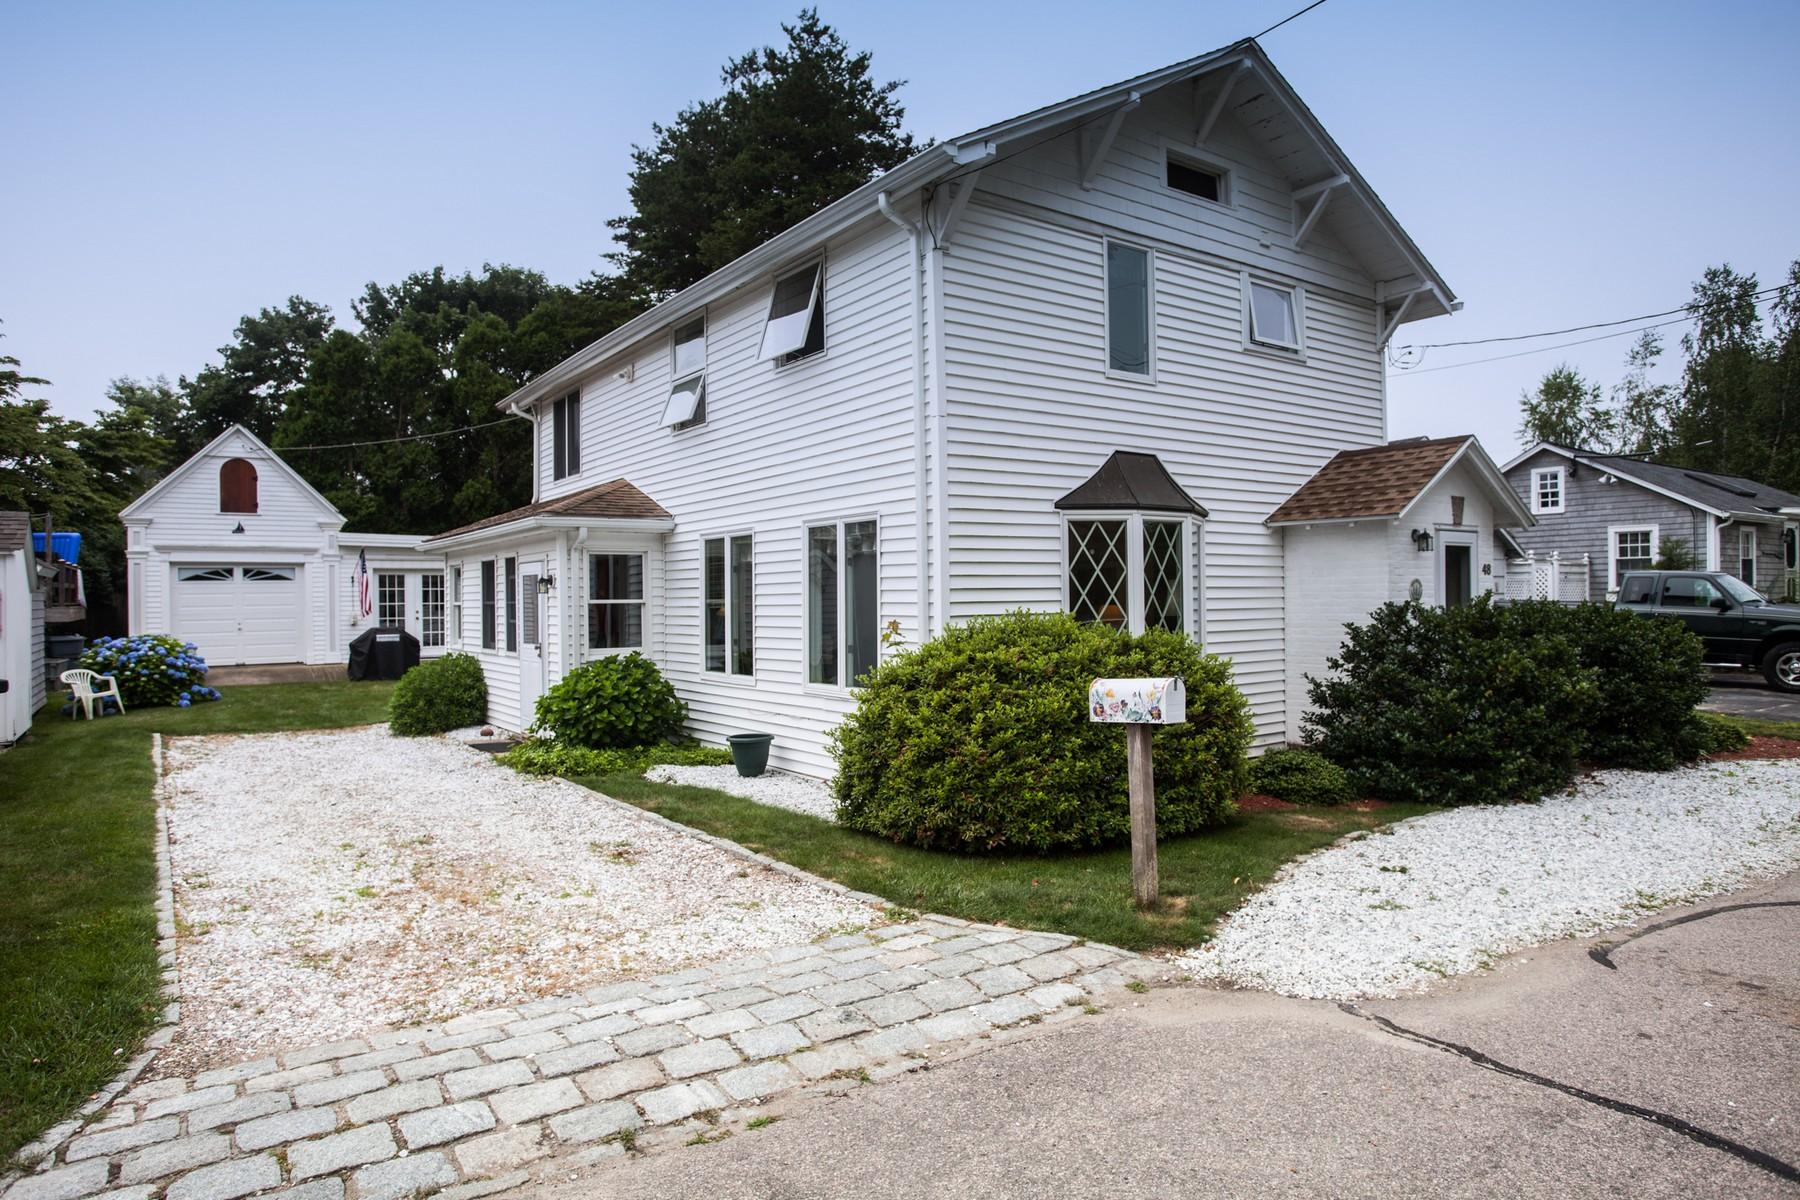 Vivienda unifamiliar por un Venta en Year Round Seashore Neighborhood 48 James Street Stonington, Connecticut, 06378 Estados Unidos